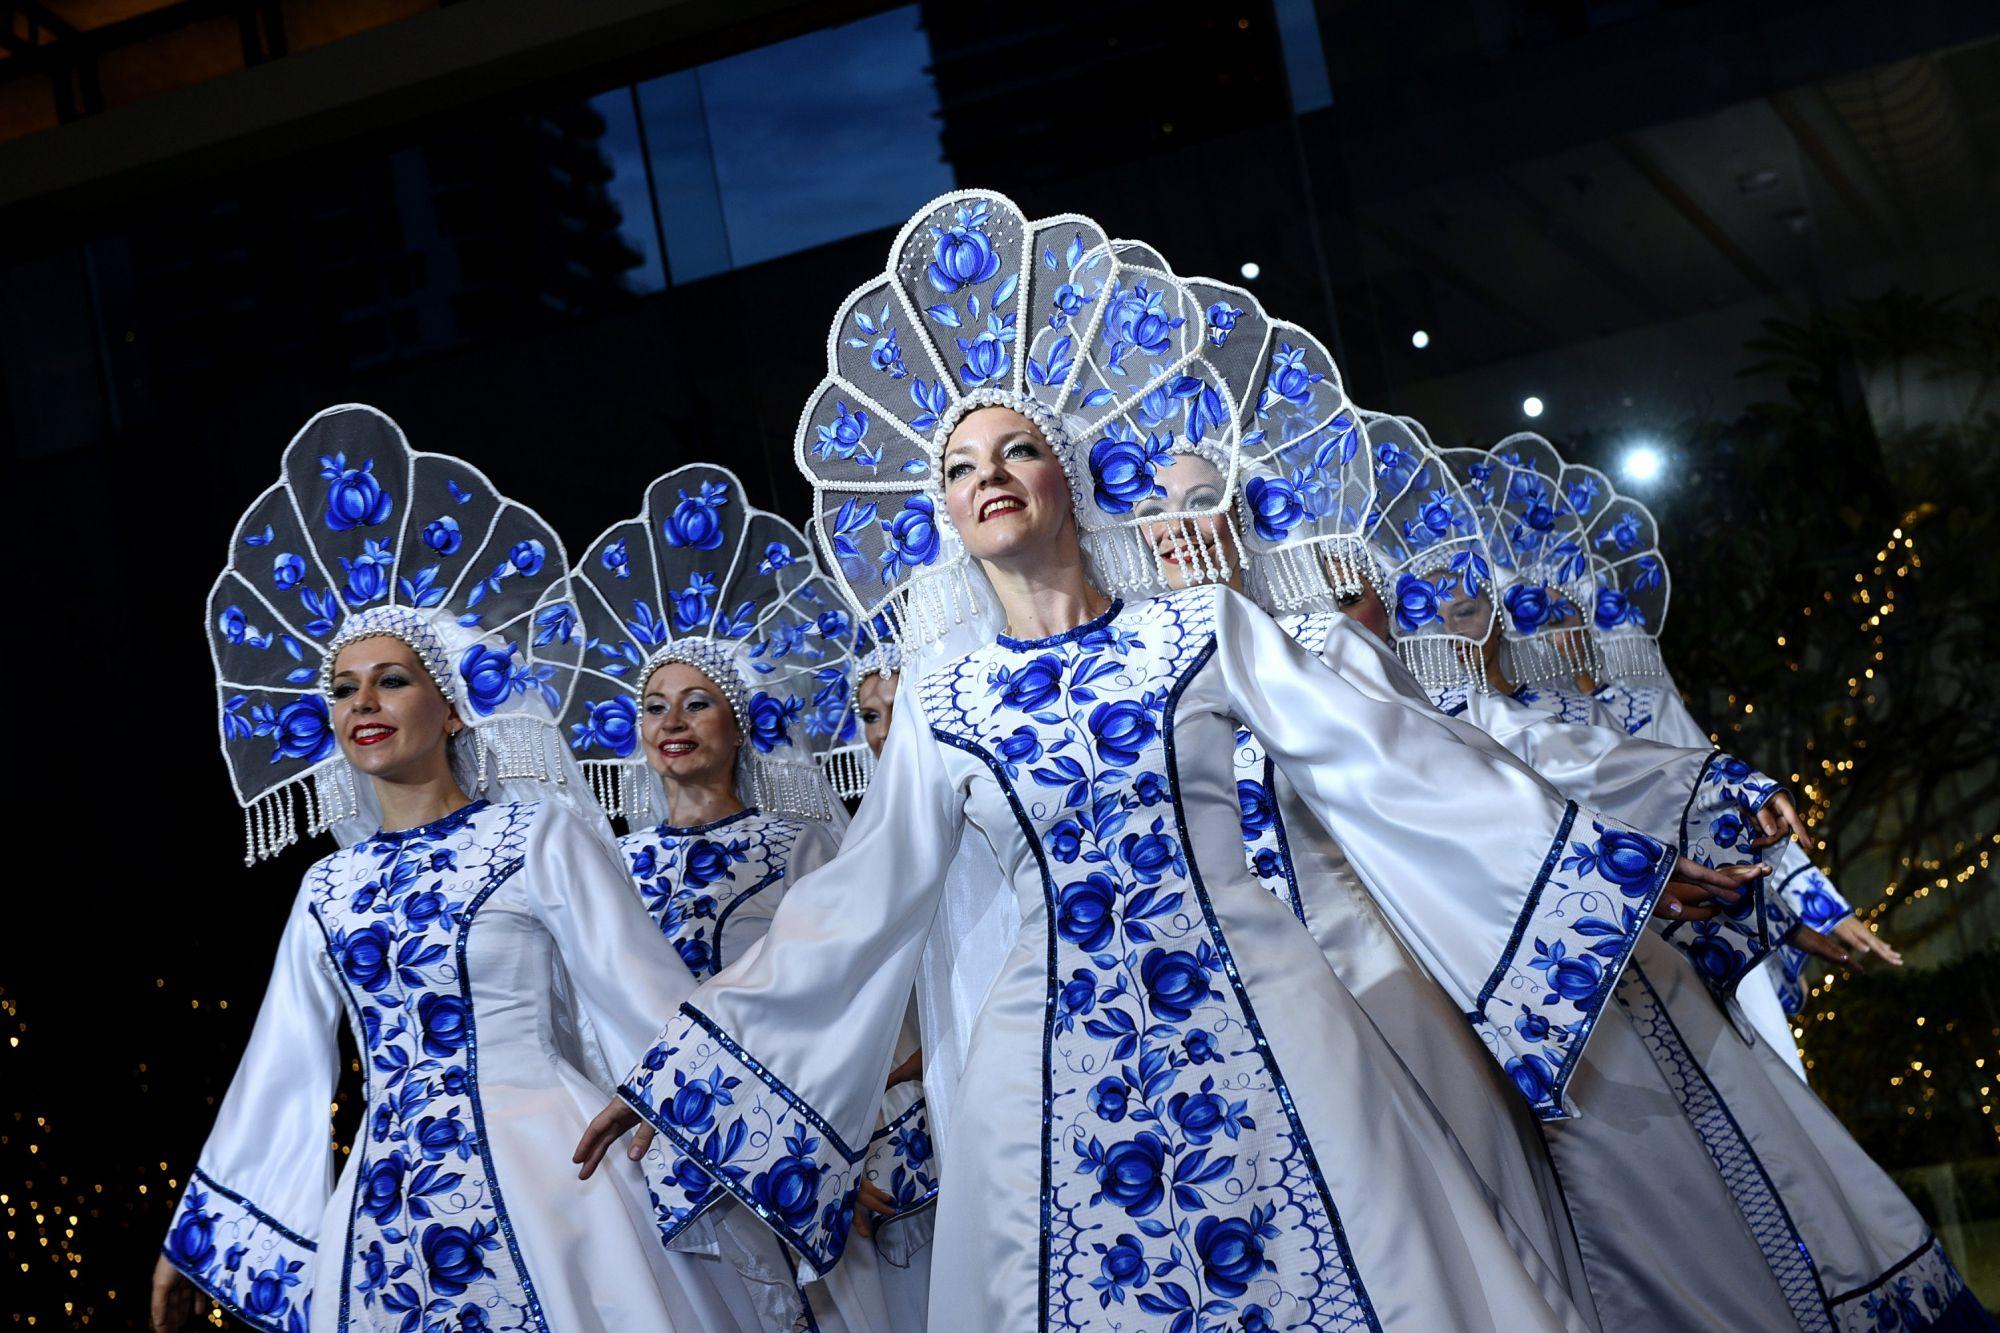 Rossinochka School of Russian Traditional Dance